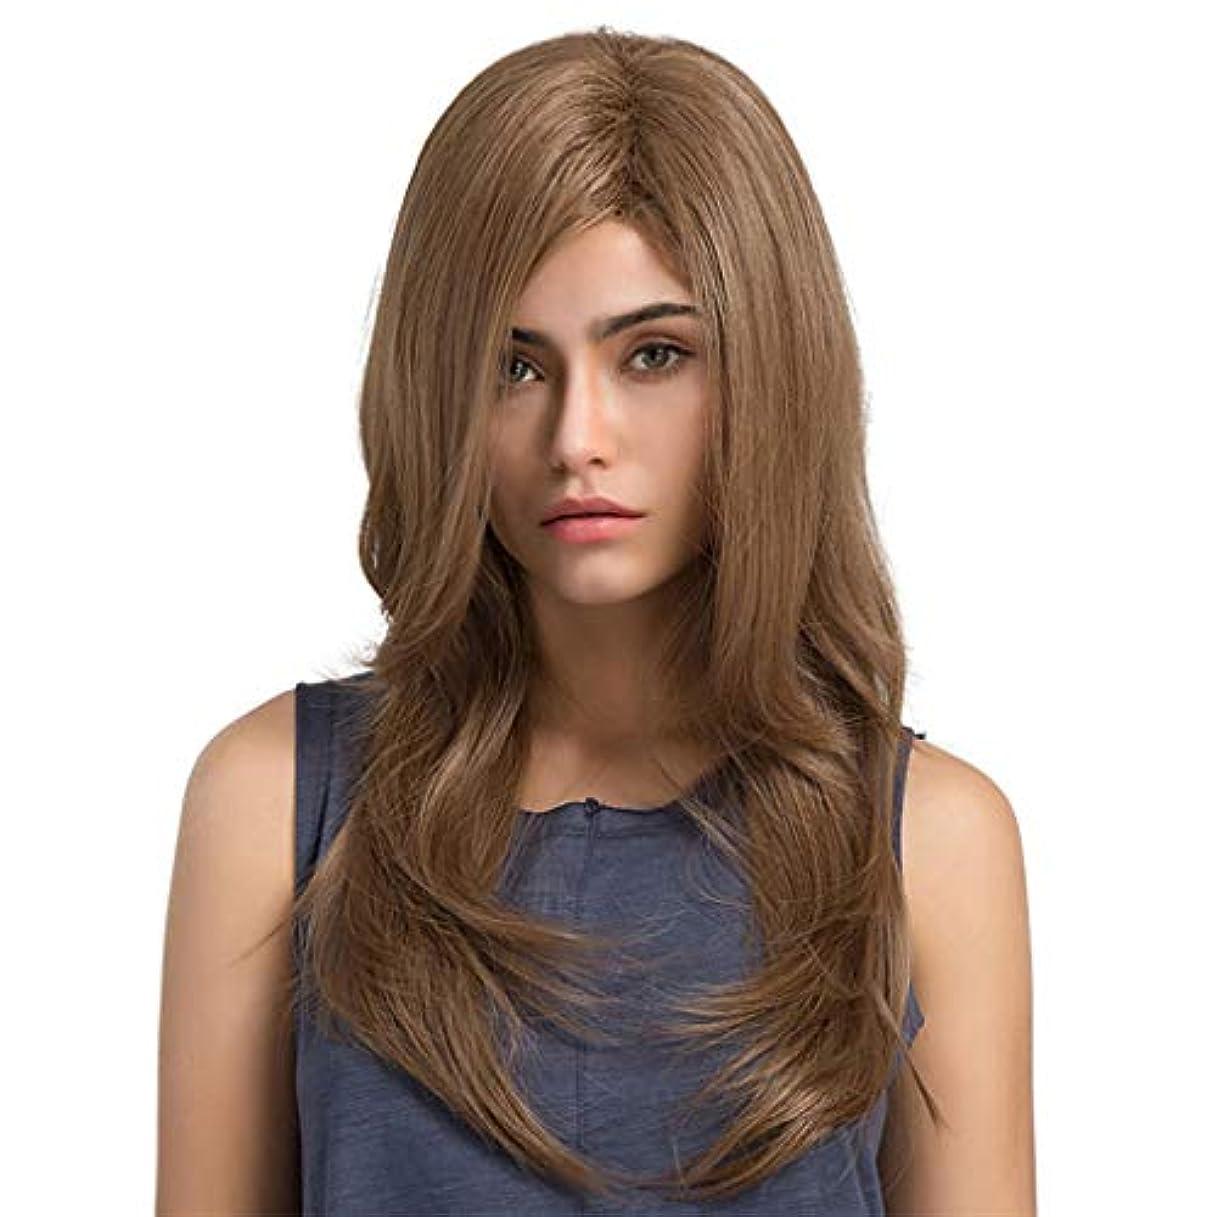 設計図怠周波数女性の長い巻き毛のかつら パーティーかつら65 cm